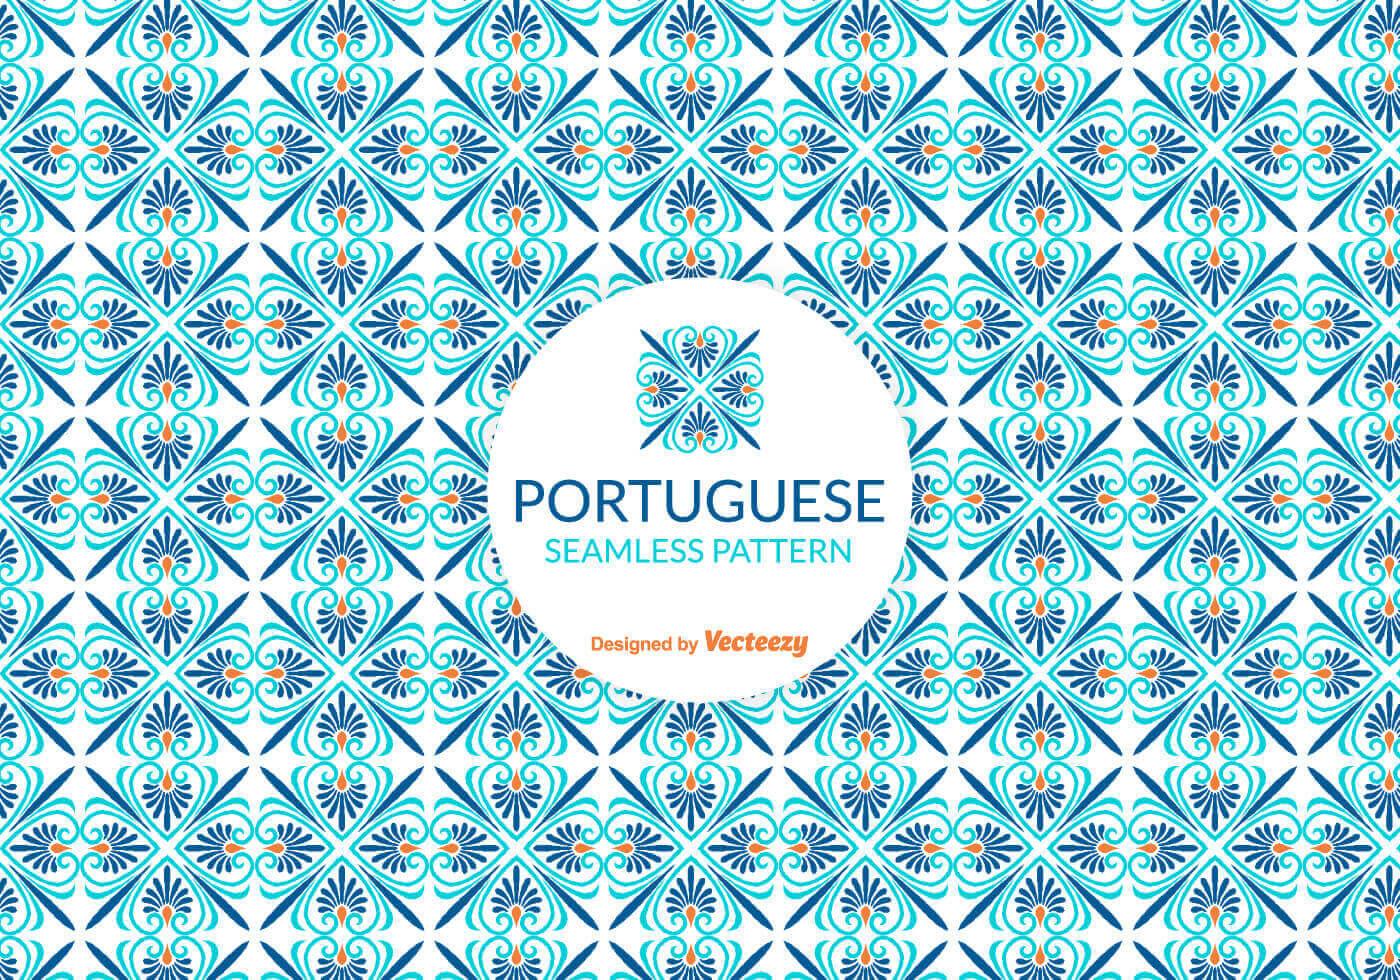 Portuguese Tile Pattern - Free Photoshop Brushes at Brusheezy!